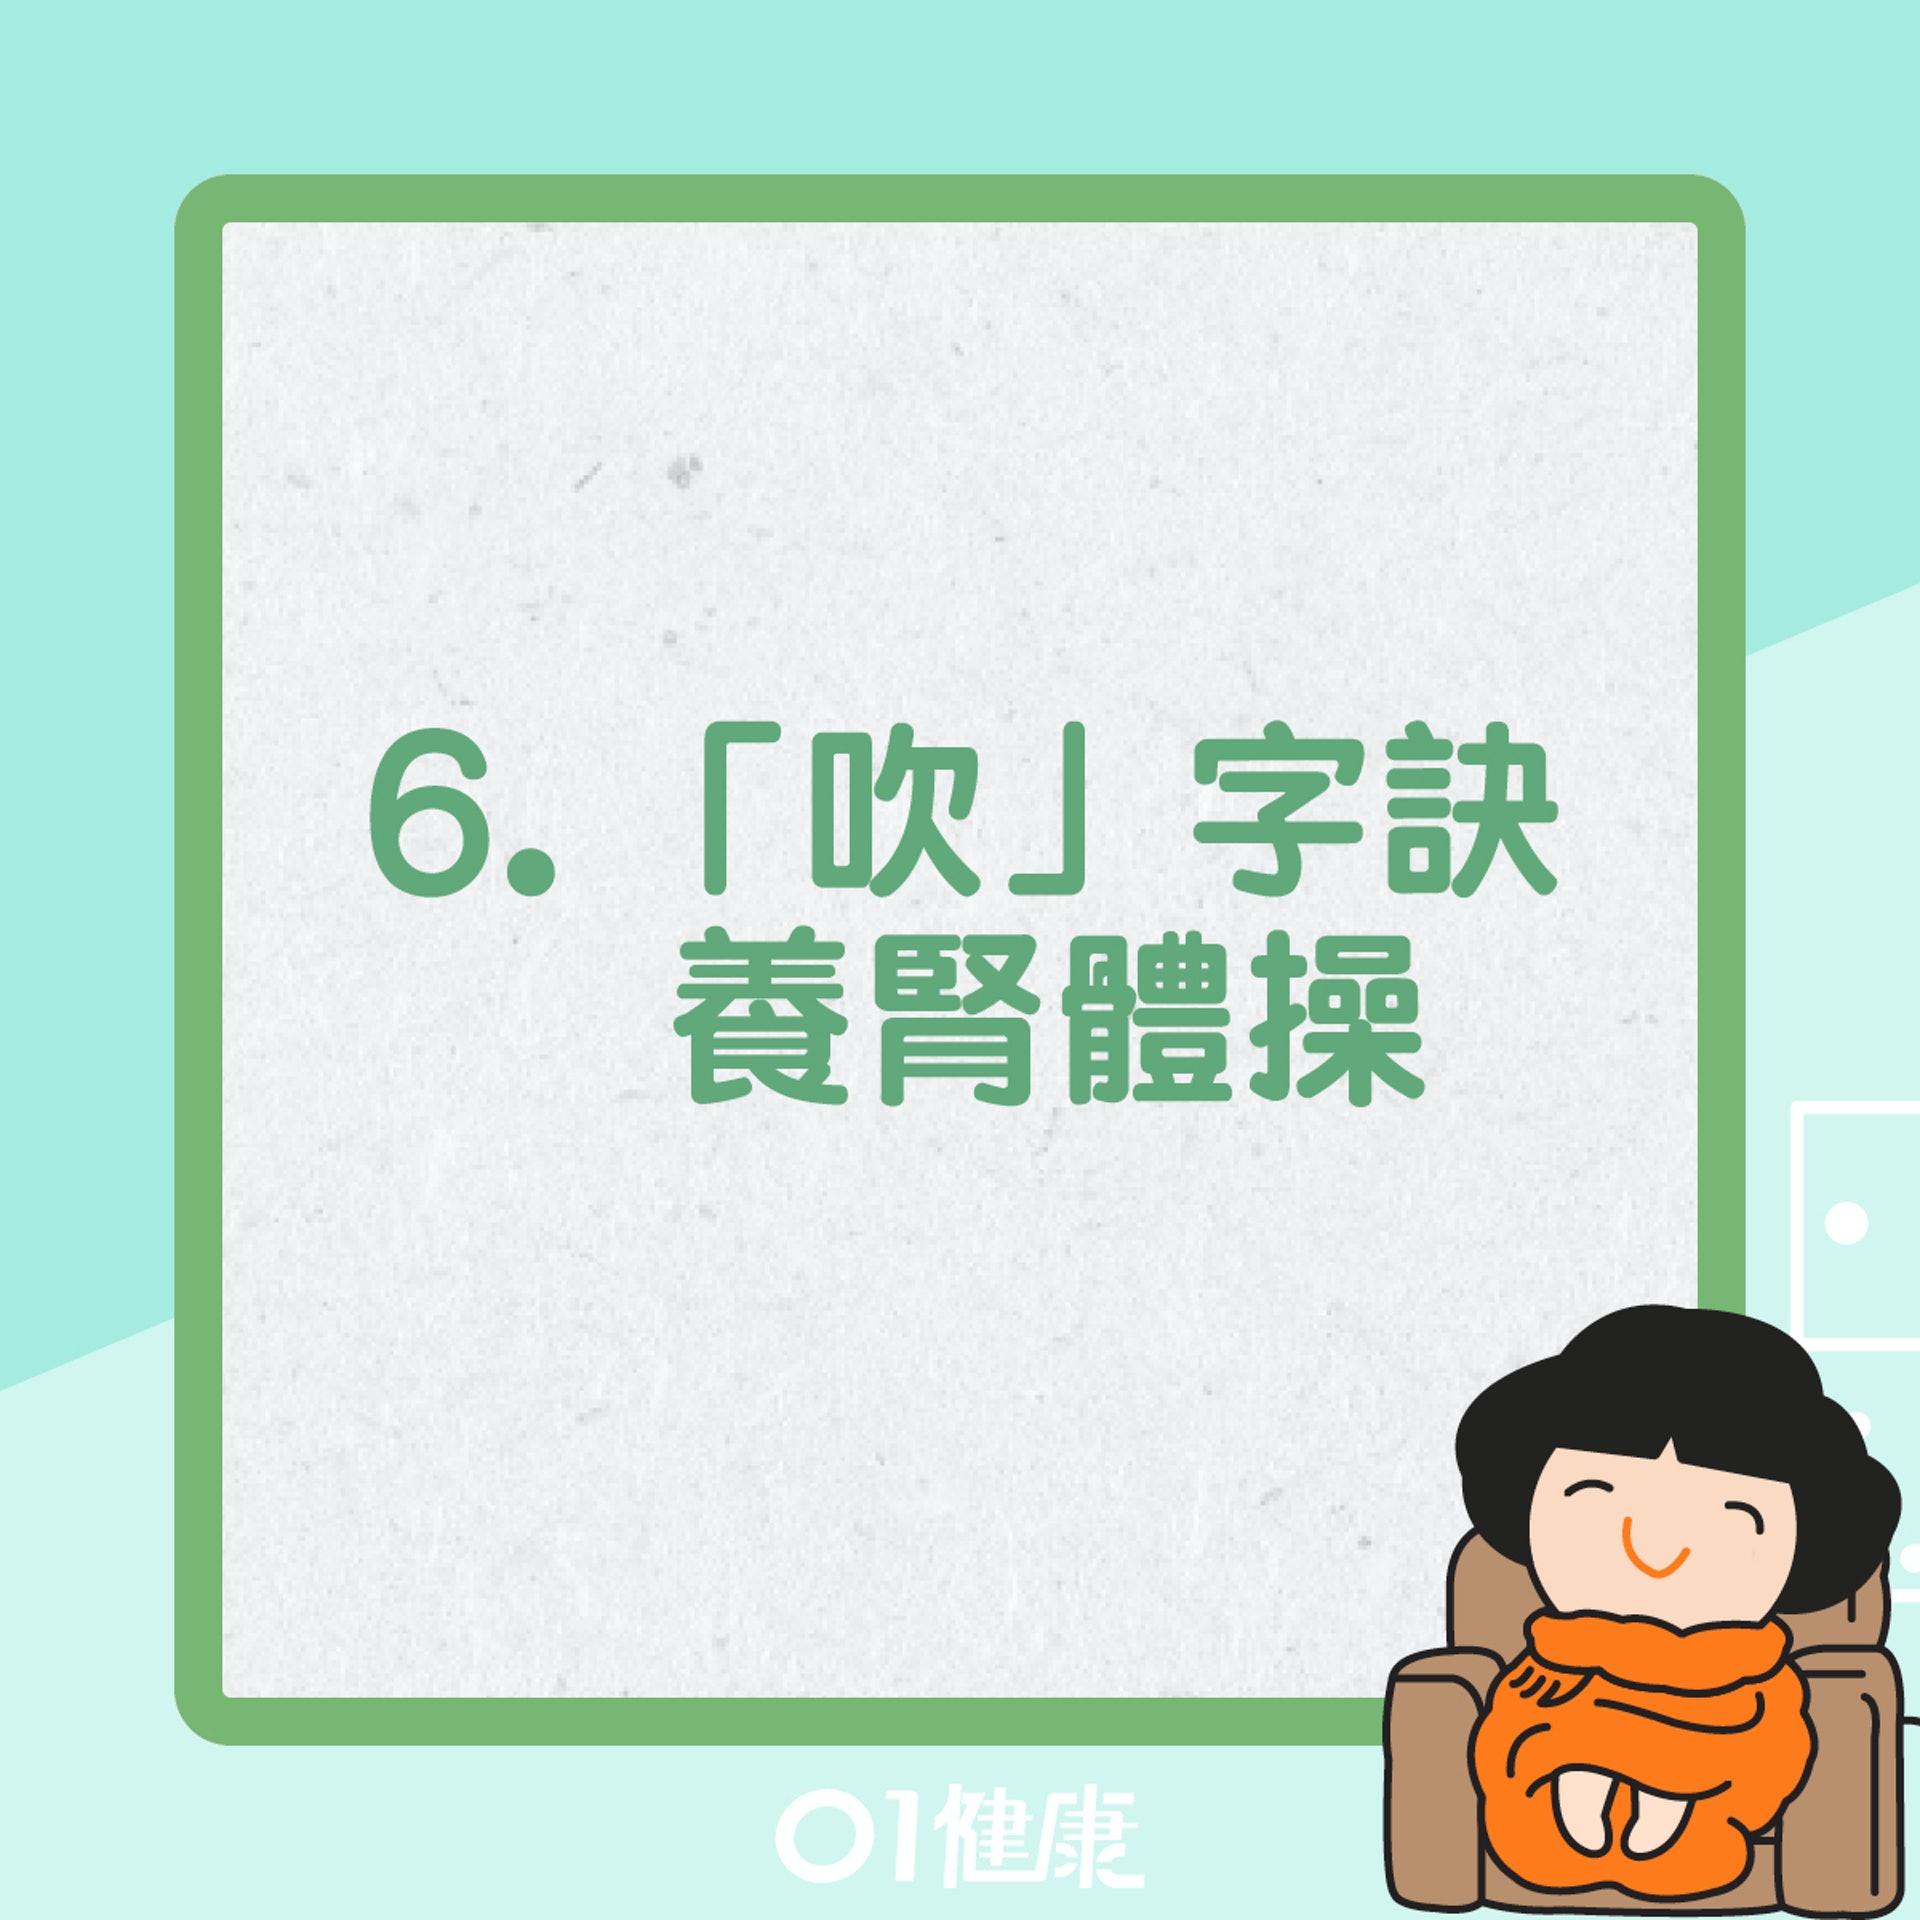 「吹」字訣養腎體操 (01製圖)